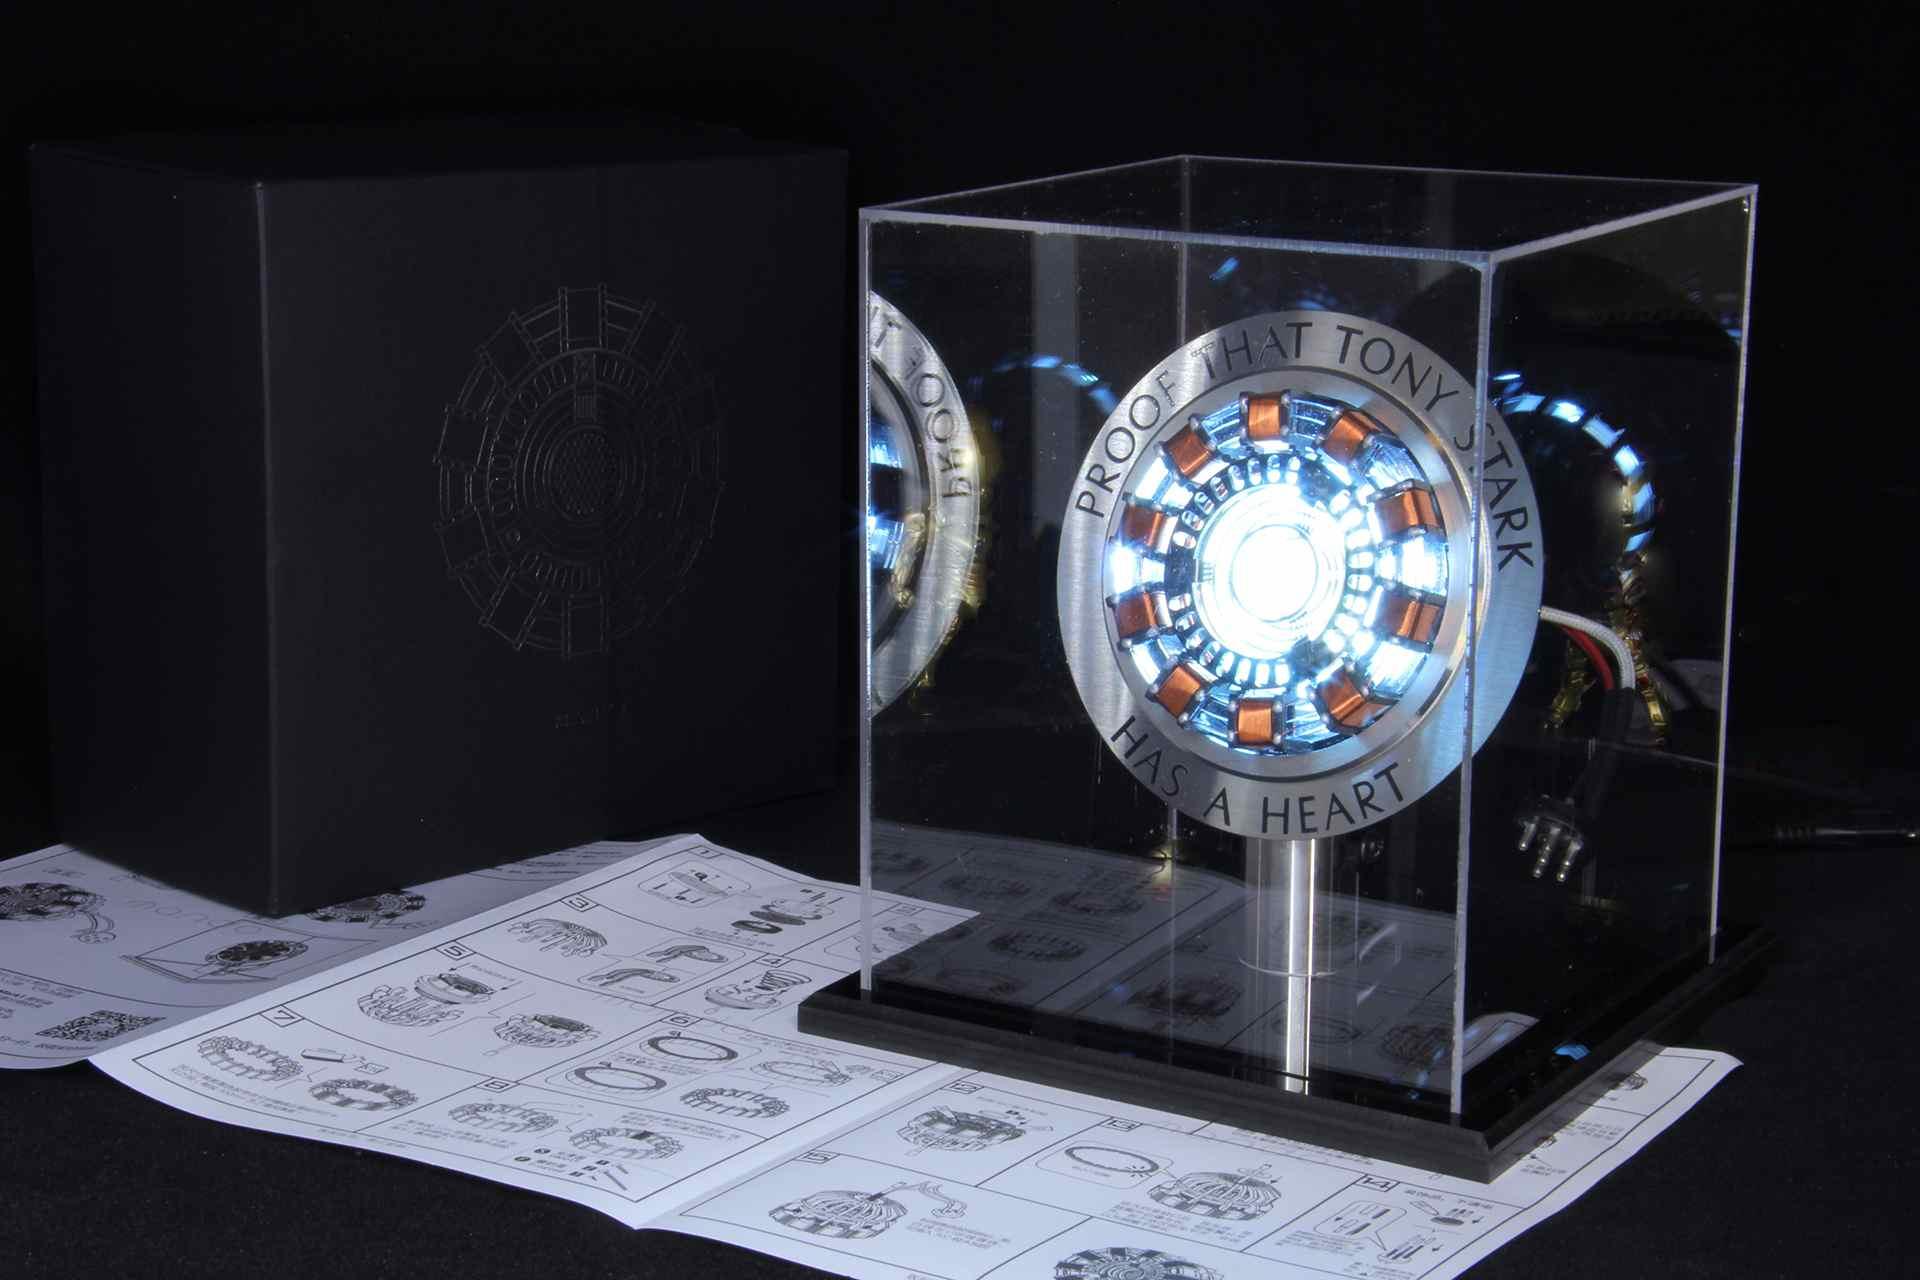 Reactor de Arco Tony Stark con luz LED 2020 4